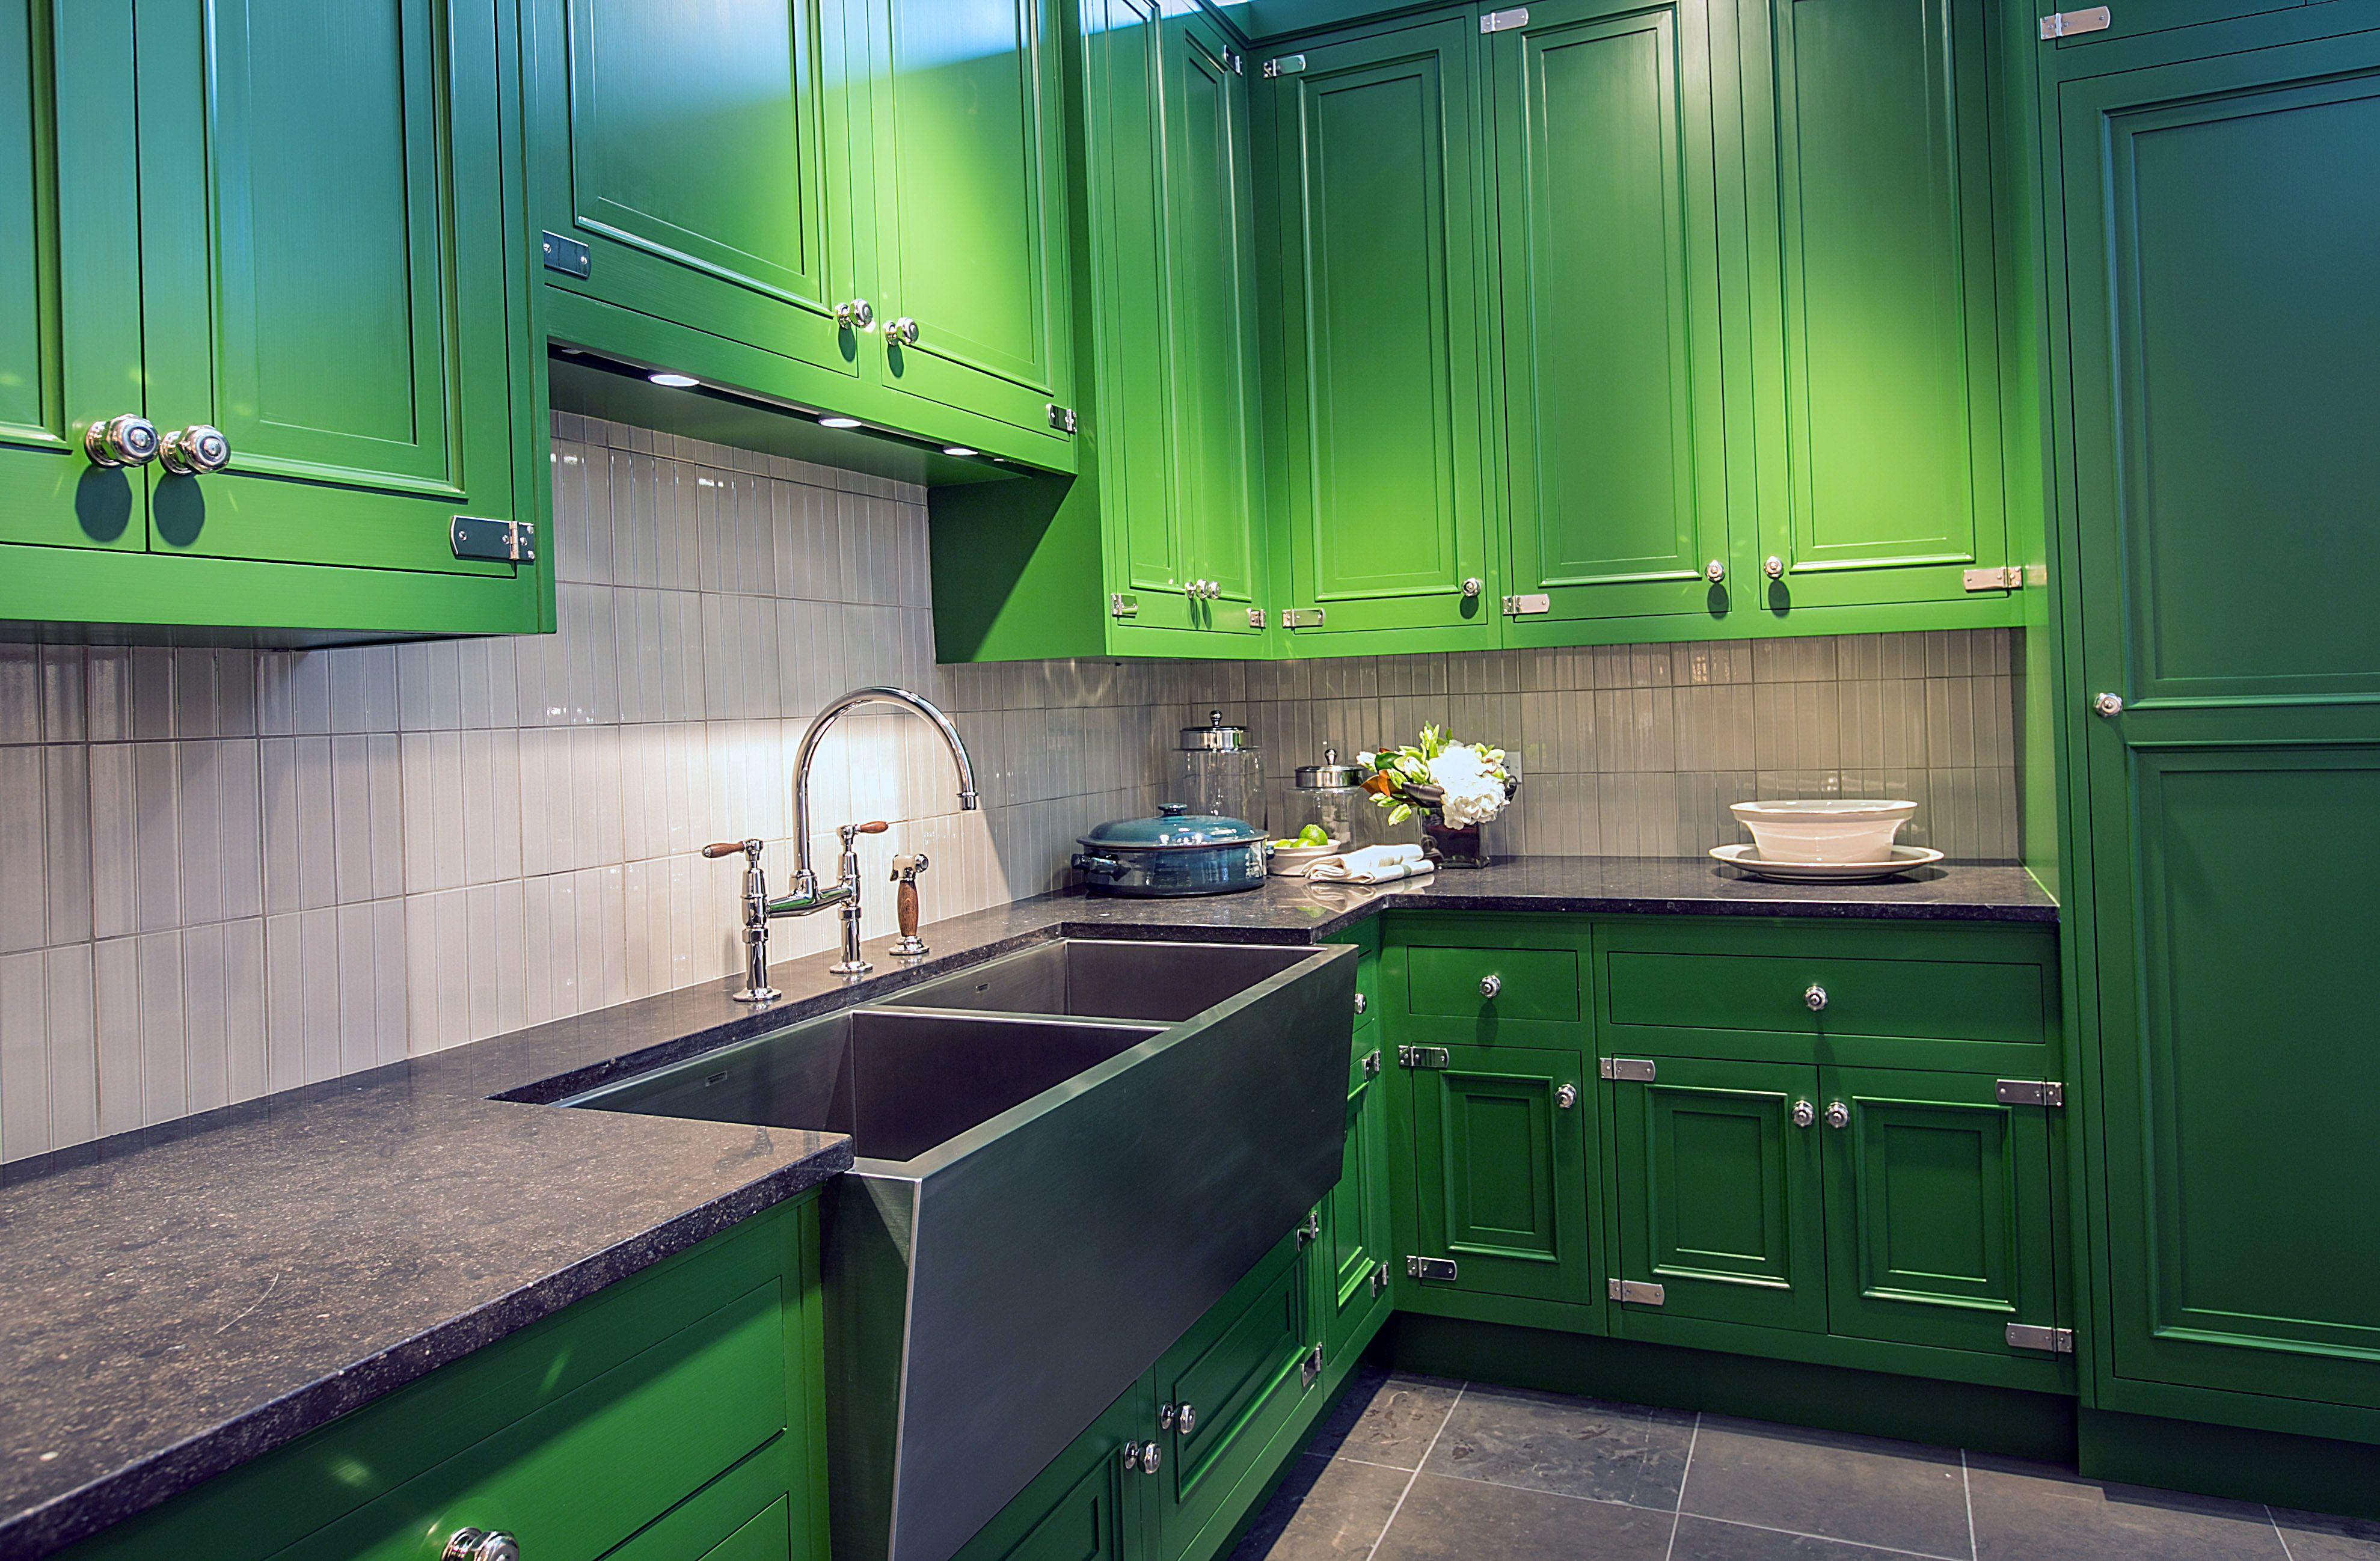 Waterworks Kitchen In Chicago Showroom Kitchen Design Trends Interior Design Kitchen Kitchen Design